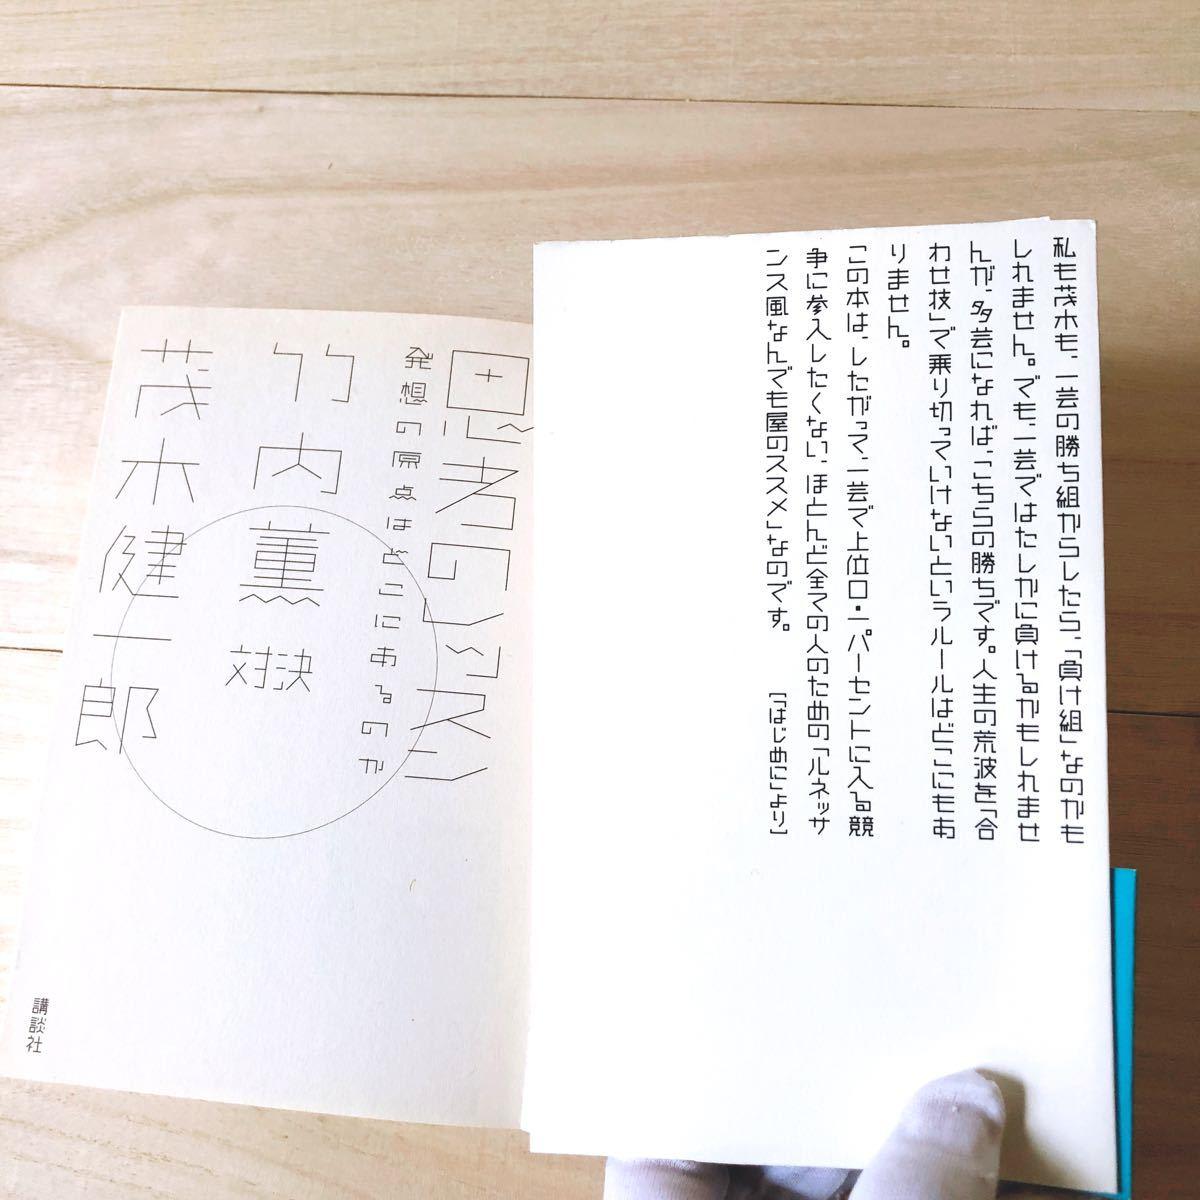 思考のレッスン 発想の原点はどこにあるのか 竹内薫対決茂木健一郎